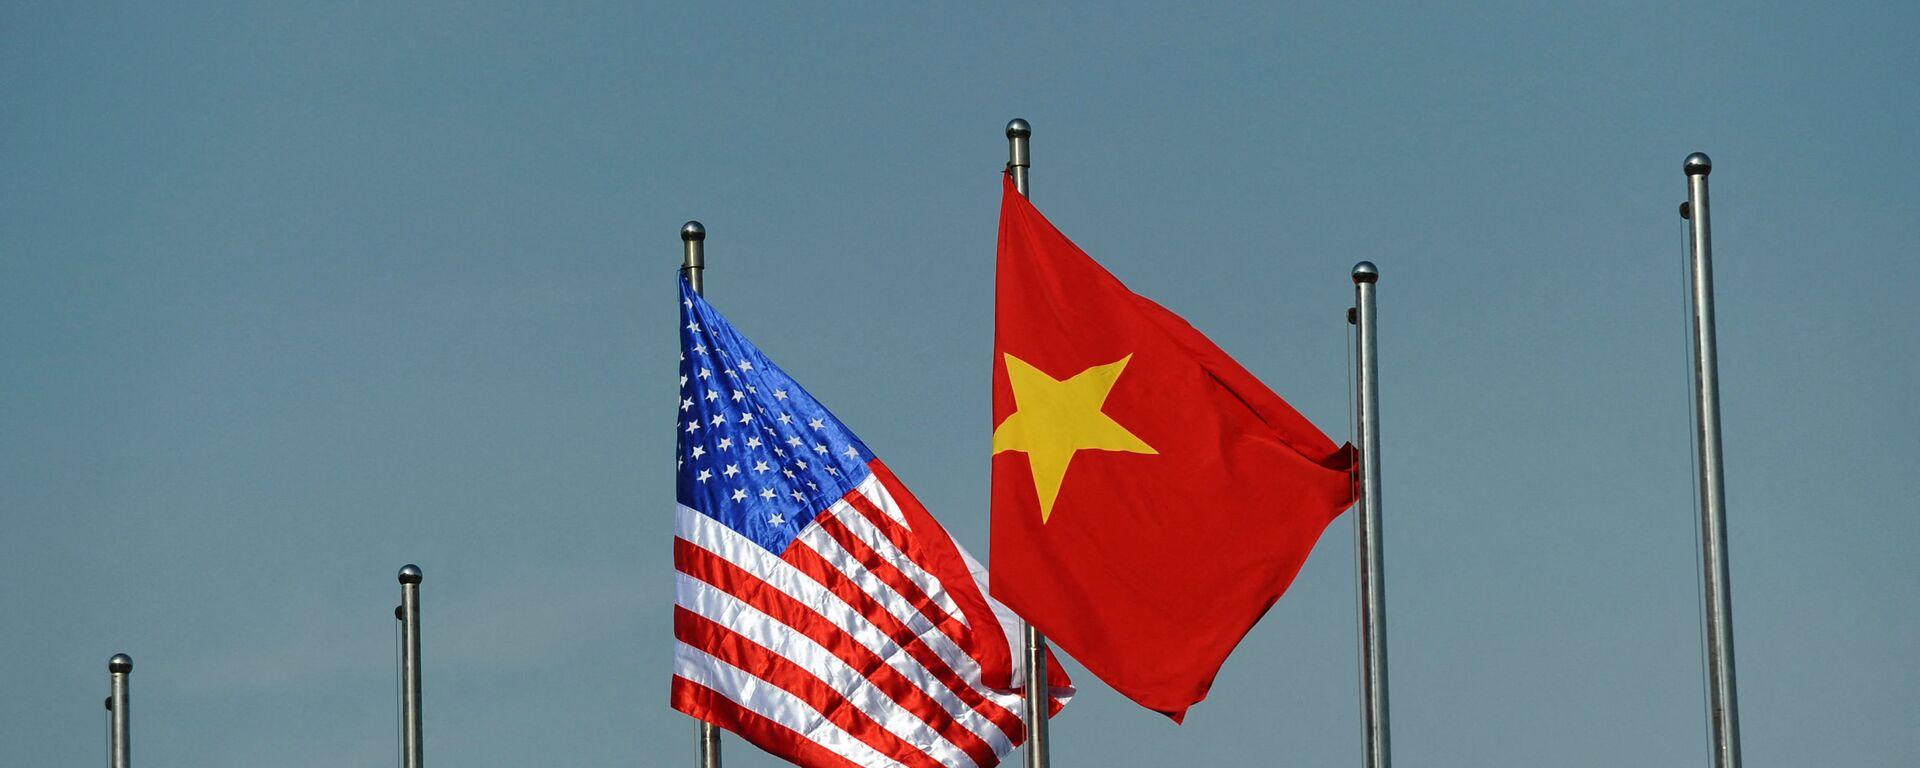 Quốc kỳ của Hoa Kỳ và Việt Nam. - Sputnik Việt Nam, 1920, 29.09.2021